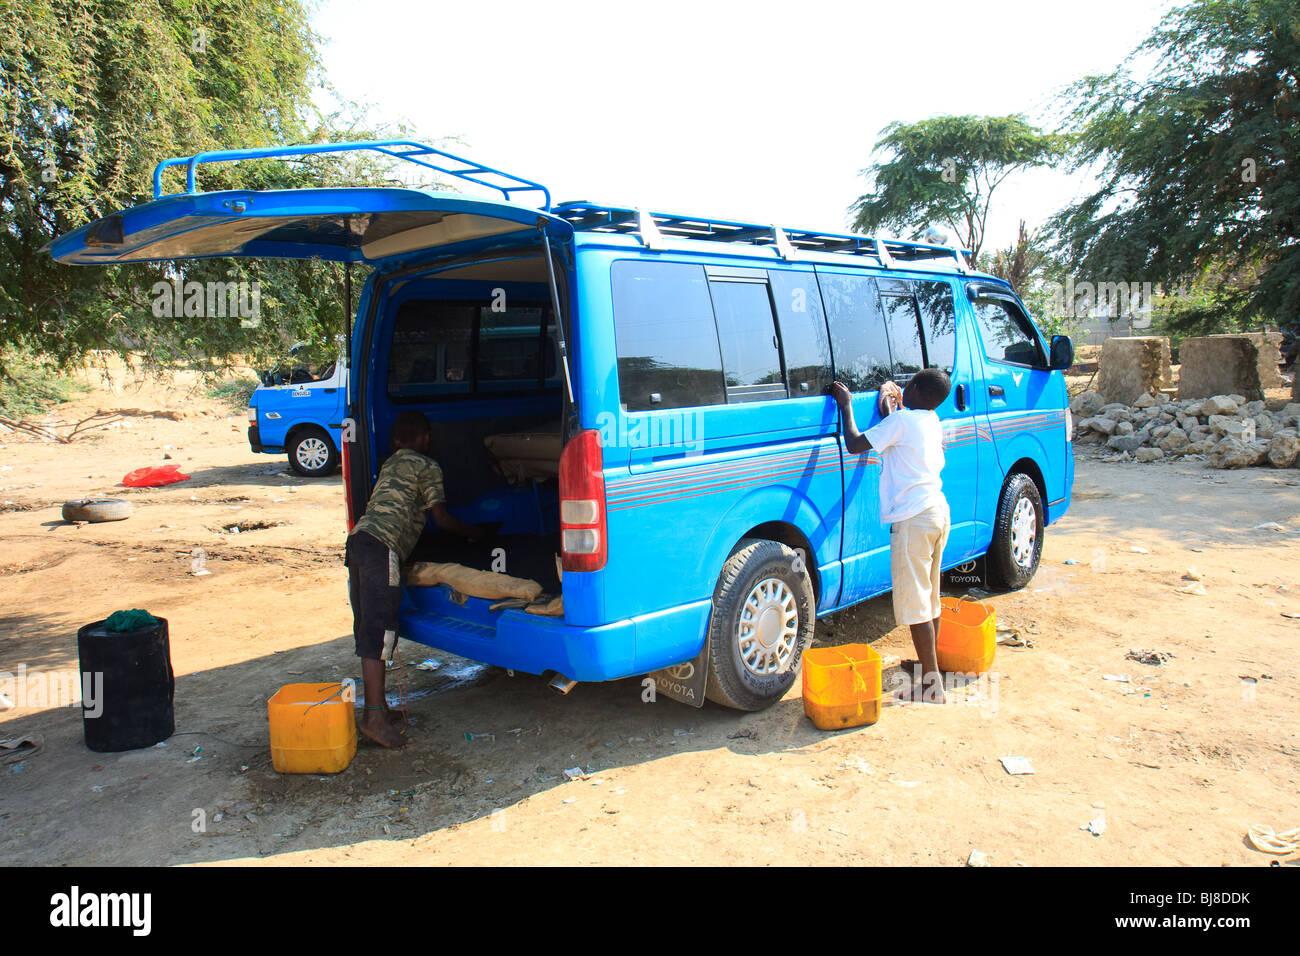 Africa Angola Benguela Blue Minibus Transport - Stock Image